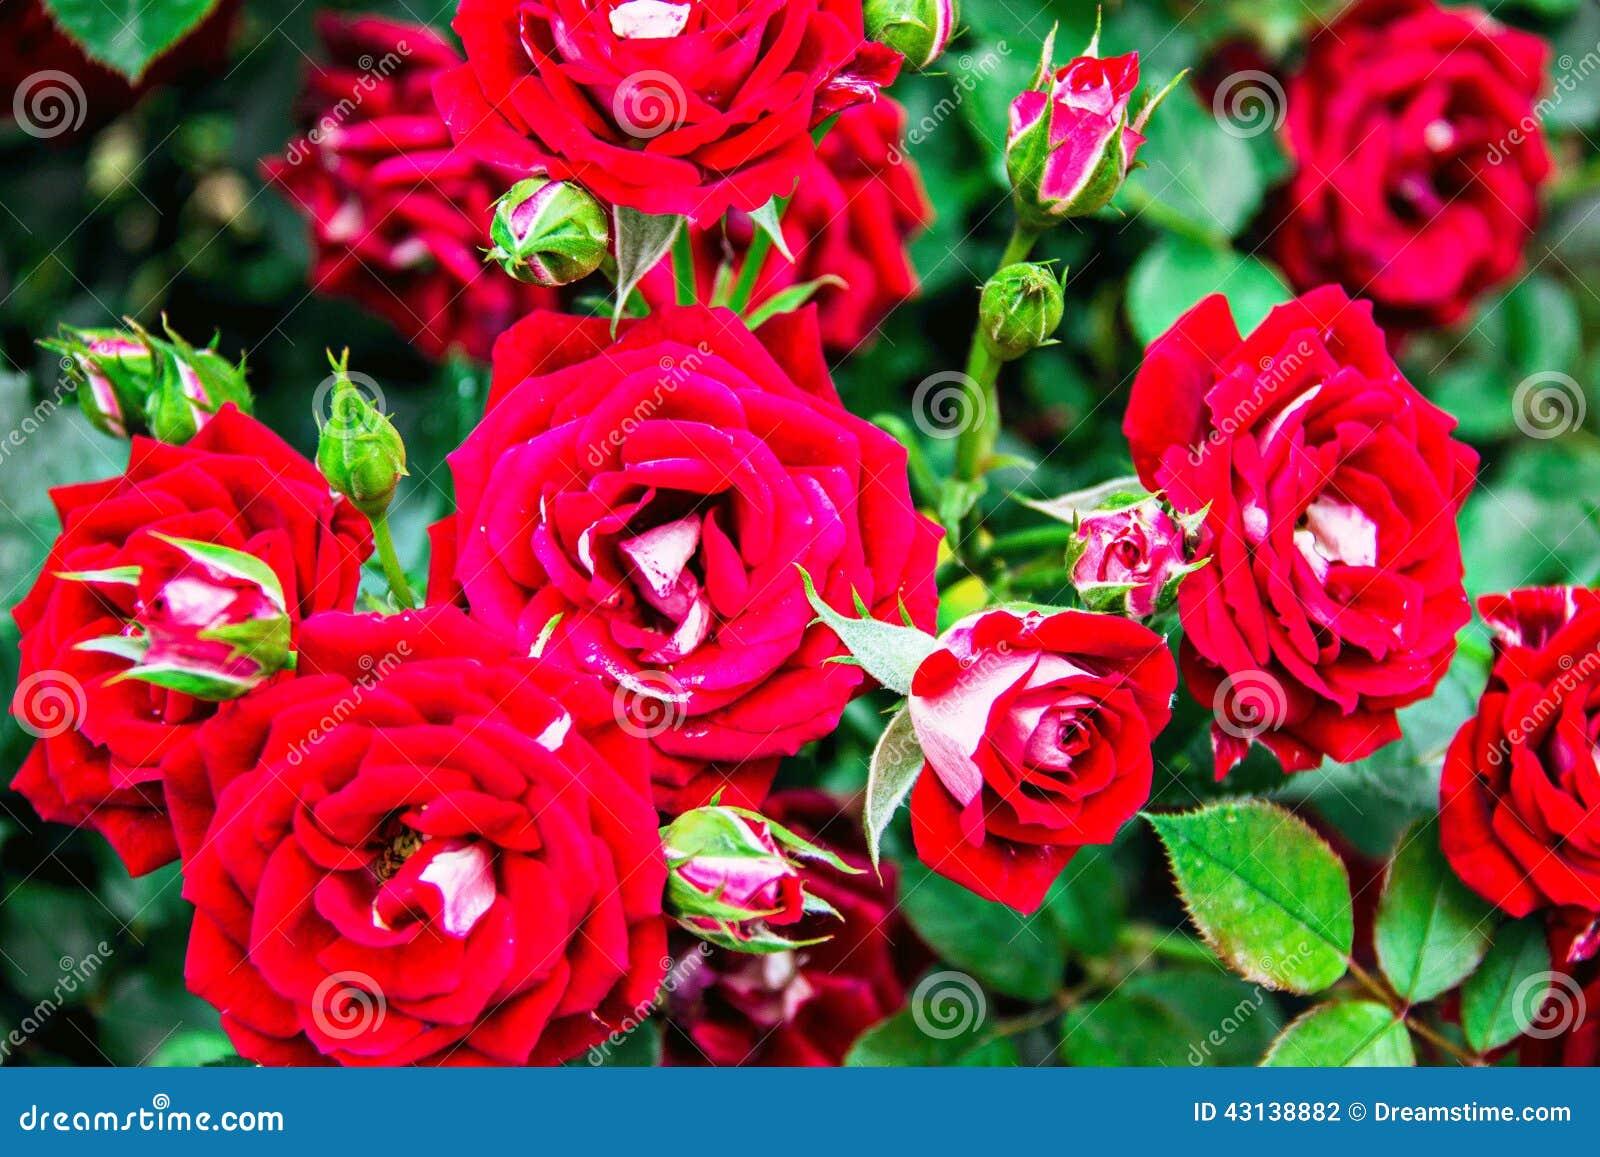 Roses Stock Photo Image 43138882